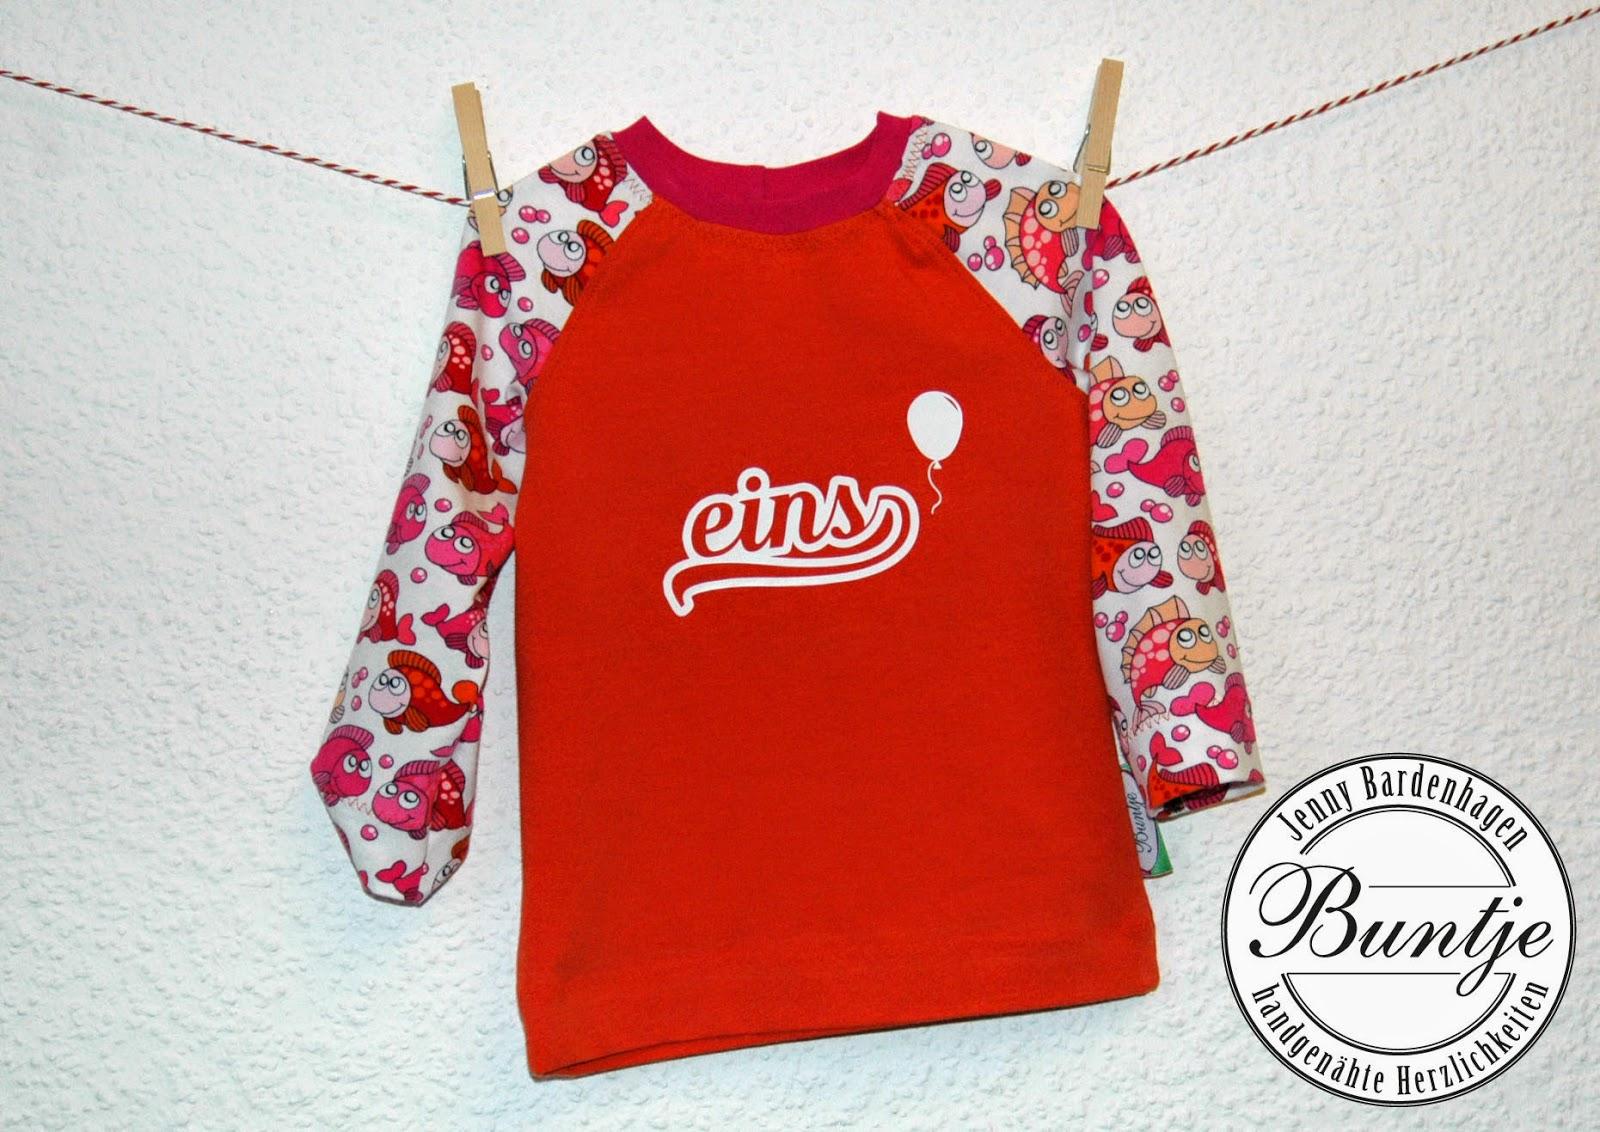 Geburtstagsshirt Shirt Geburtstag Zahl Alter Mädchen Miriam pink orange Fische Tiere handmade nähen Buntje